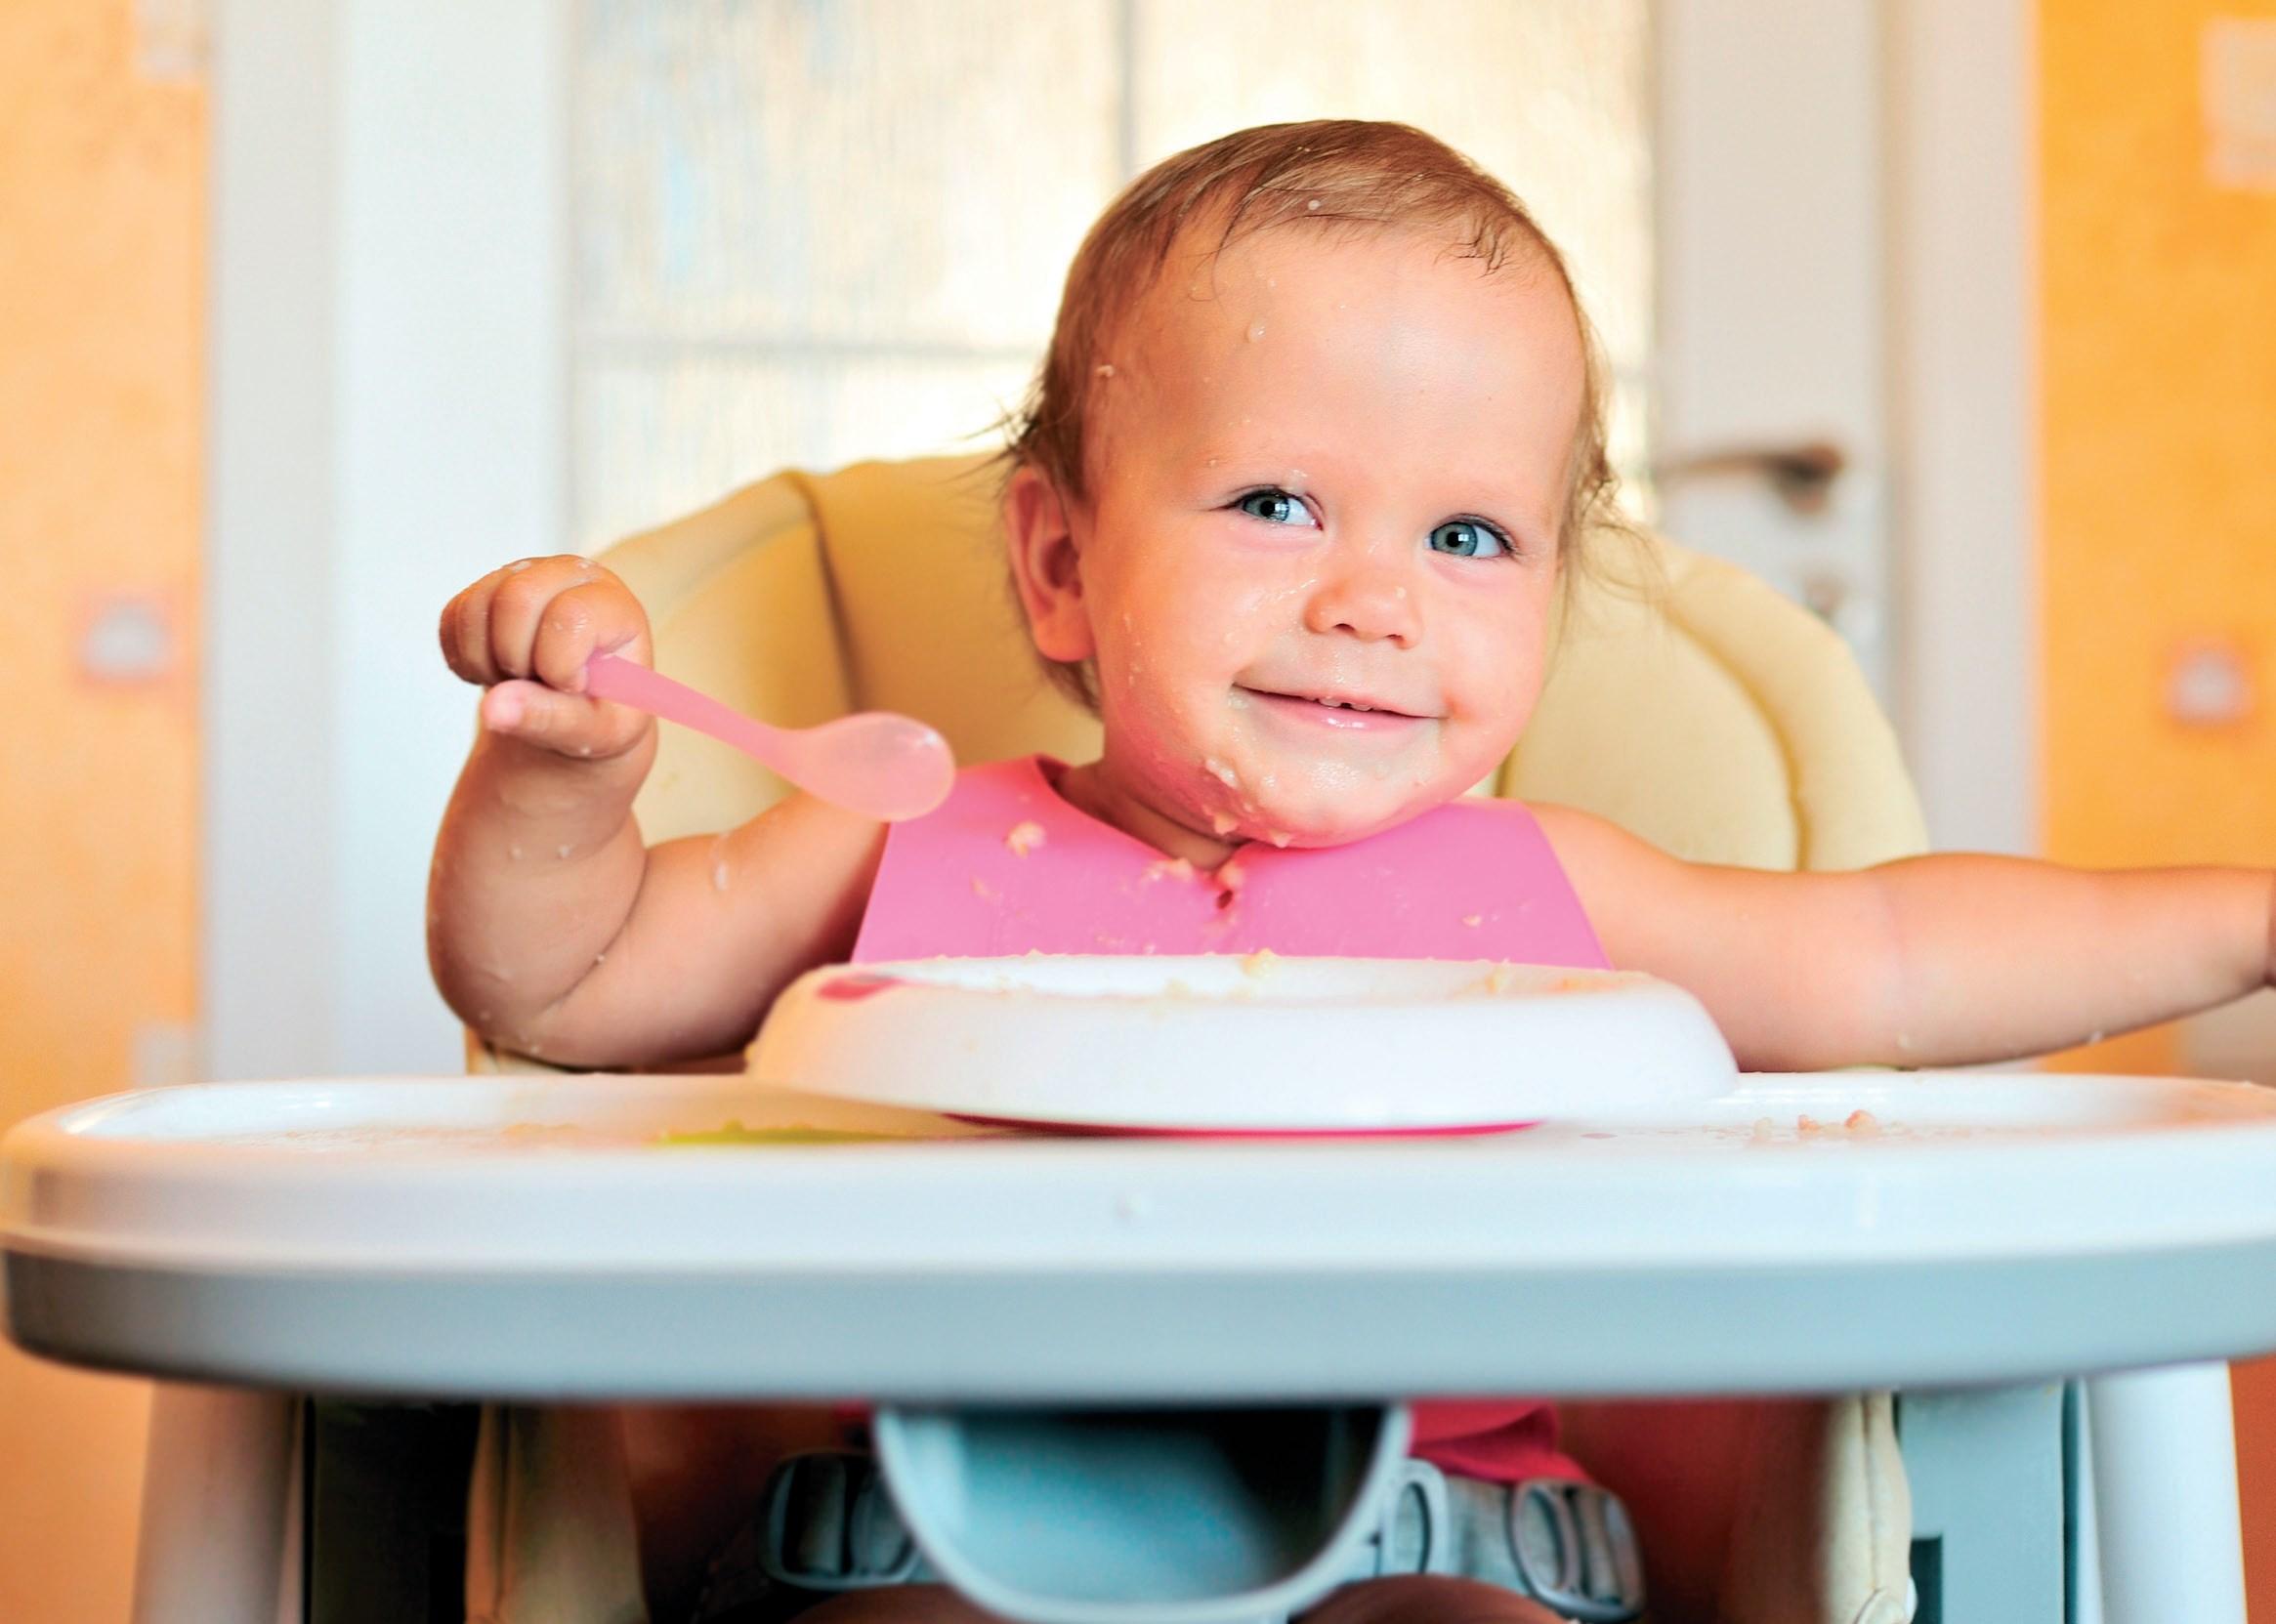 krzeselko do karmienia w żłobku © www.shutterstock.com